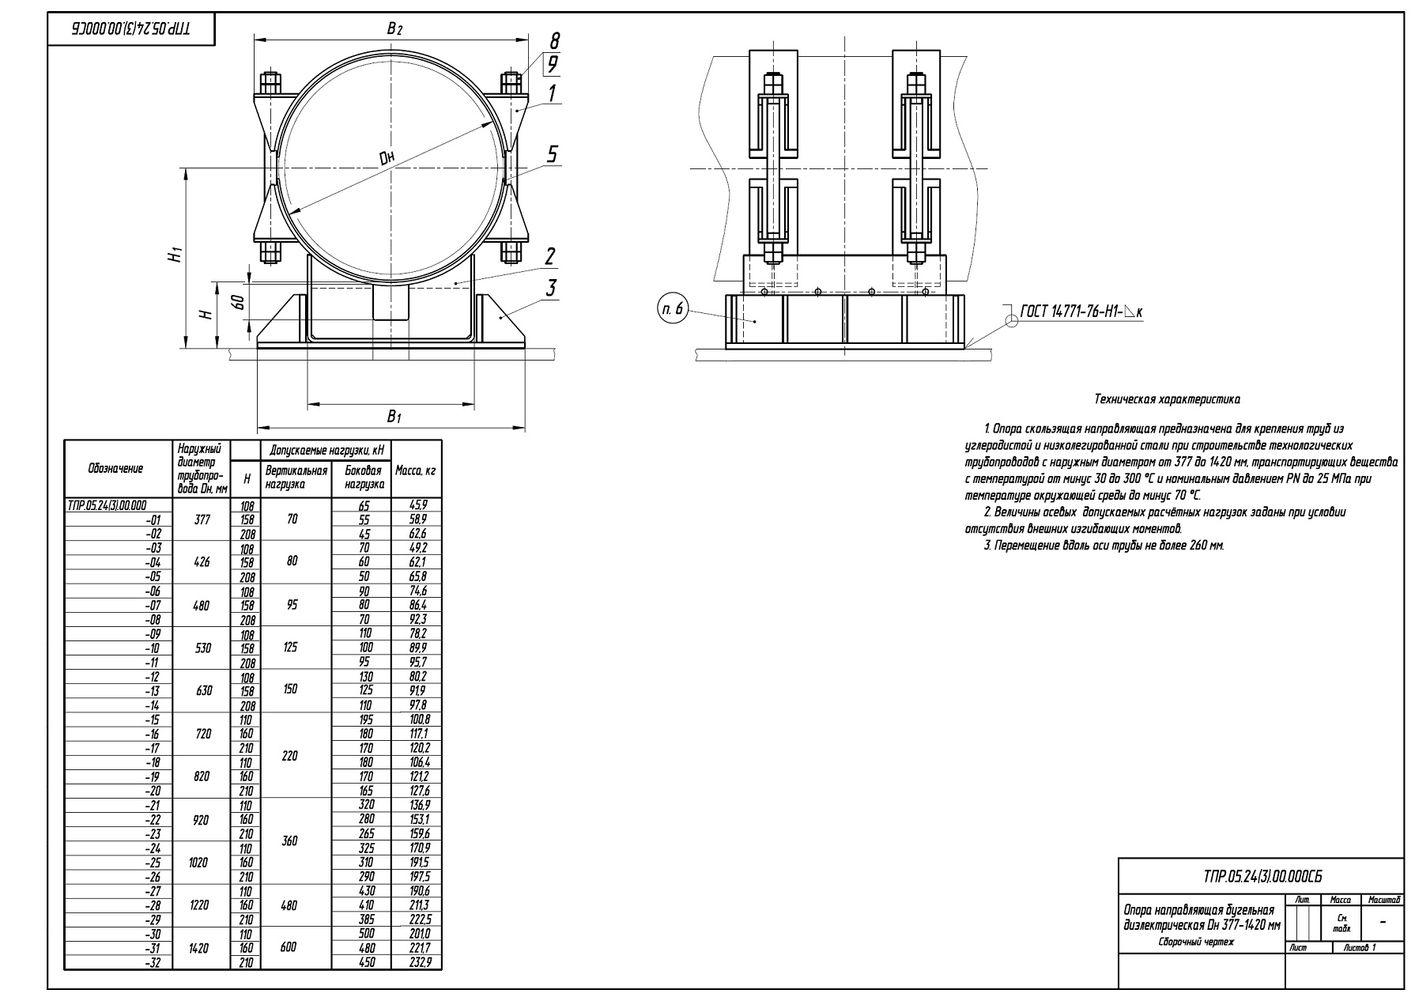 ТПР.05.24(3).00.000 Опоры направляющие бугельные диэлектрические трубопроводов Дн 377-1420 мм